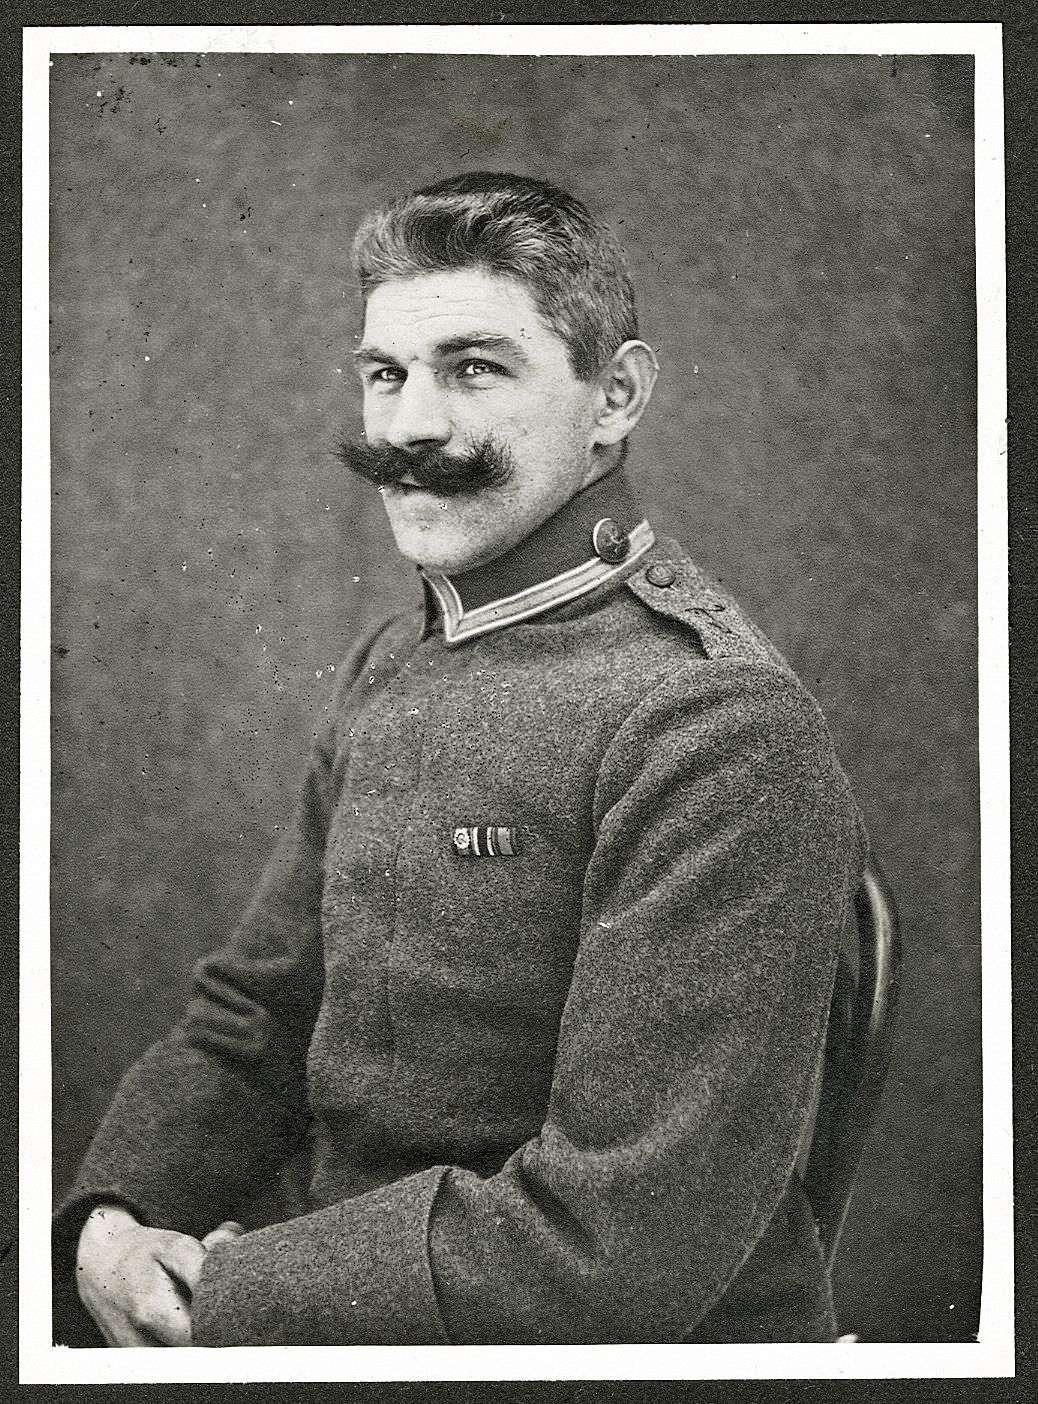 Lamerdin, Georg, Bild 1